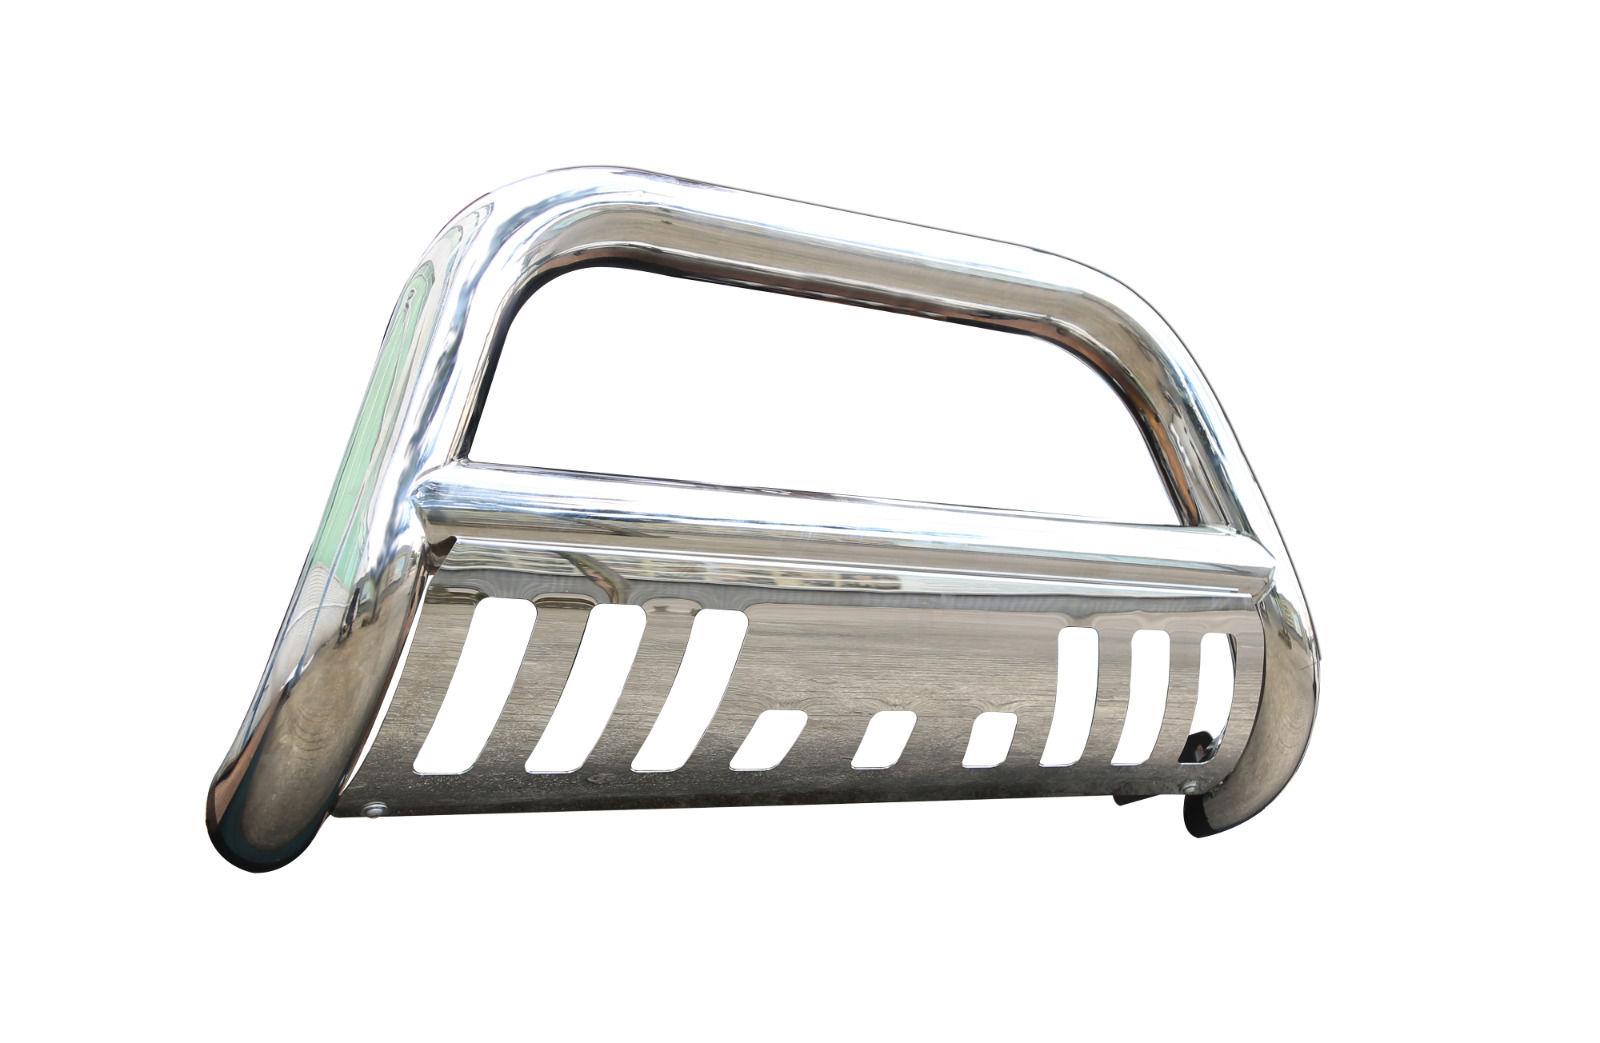 グリル 03-09 Dodge Ram 2500 3500 SSブルバーグリルガードフロントバンパー/スキッドプレート For 03-09 Dodge Ram 2500 3500 SS Bull Bar Grill Guard Front Bumper w/skid Plate